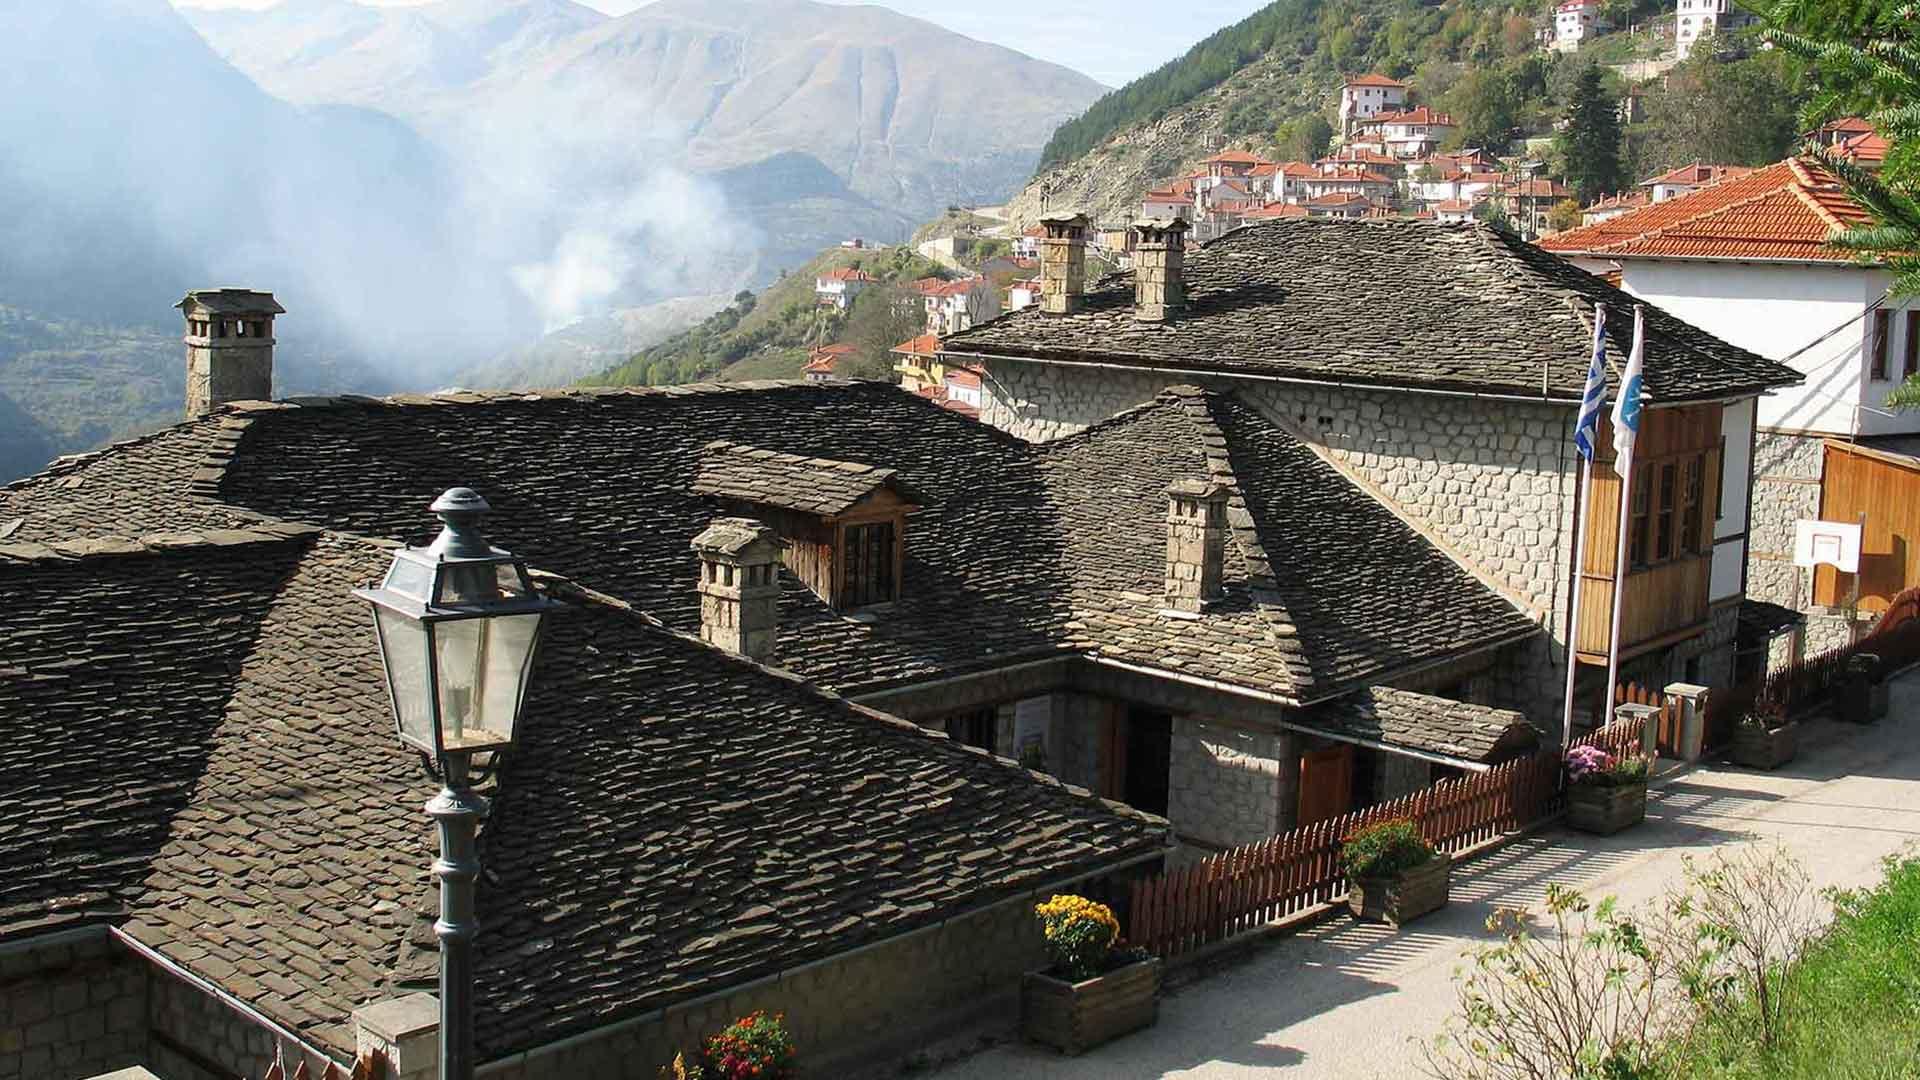 Μέτσοβο: μια ορεινή κωμόπολη με πλούσια ιστορία